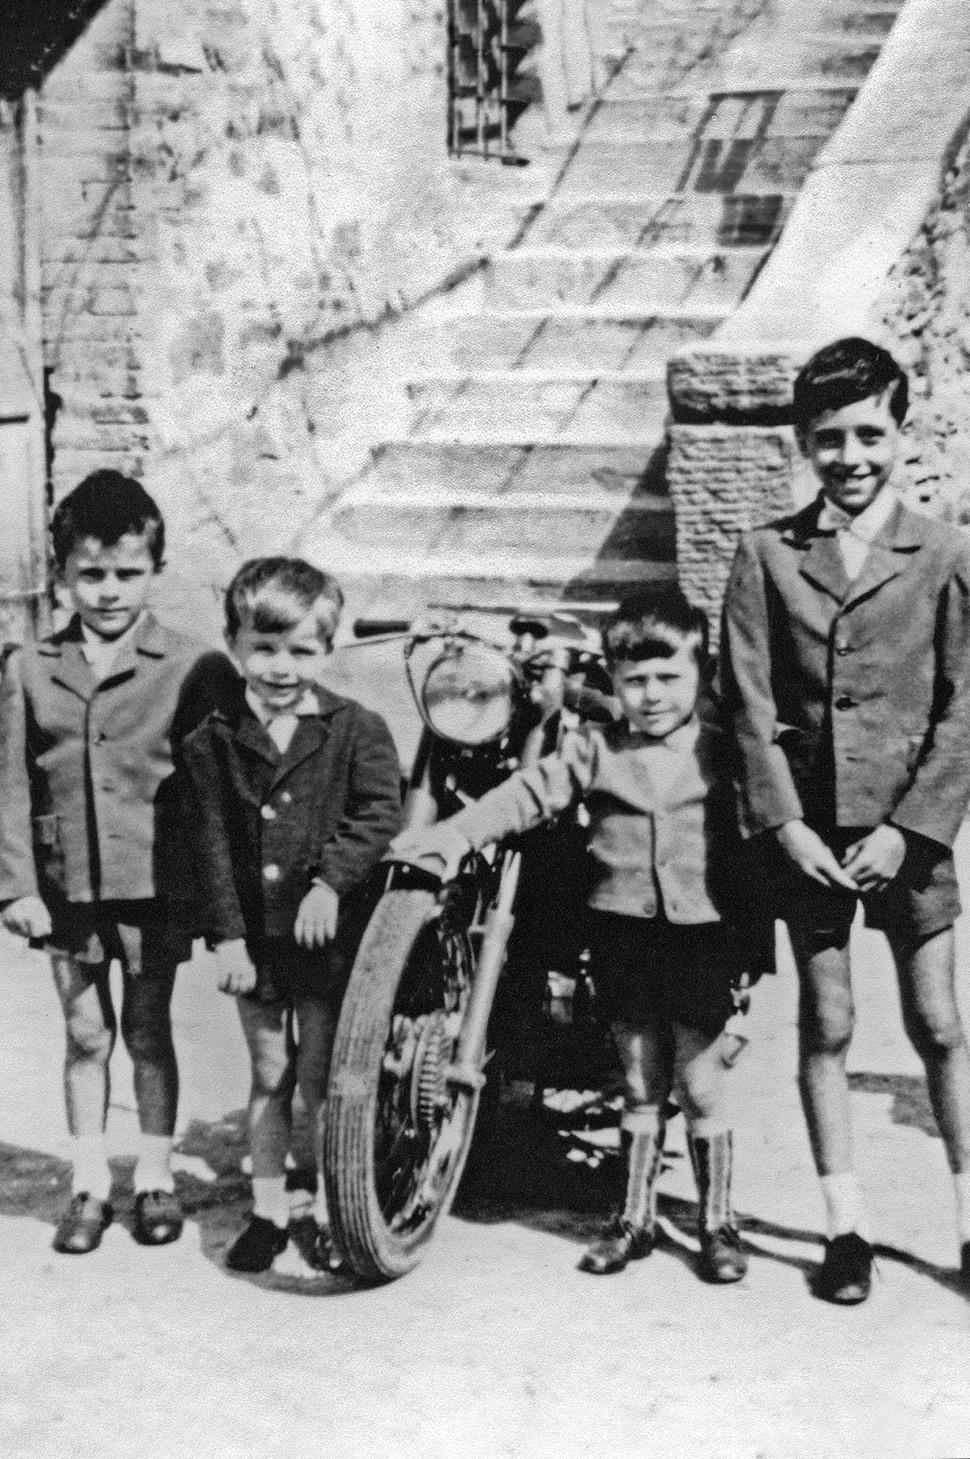 Brunello da bambino con i suoi  fratelli e un cugino a Castel Rigone